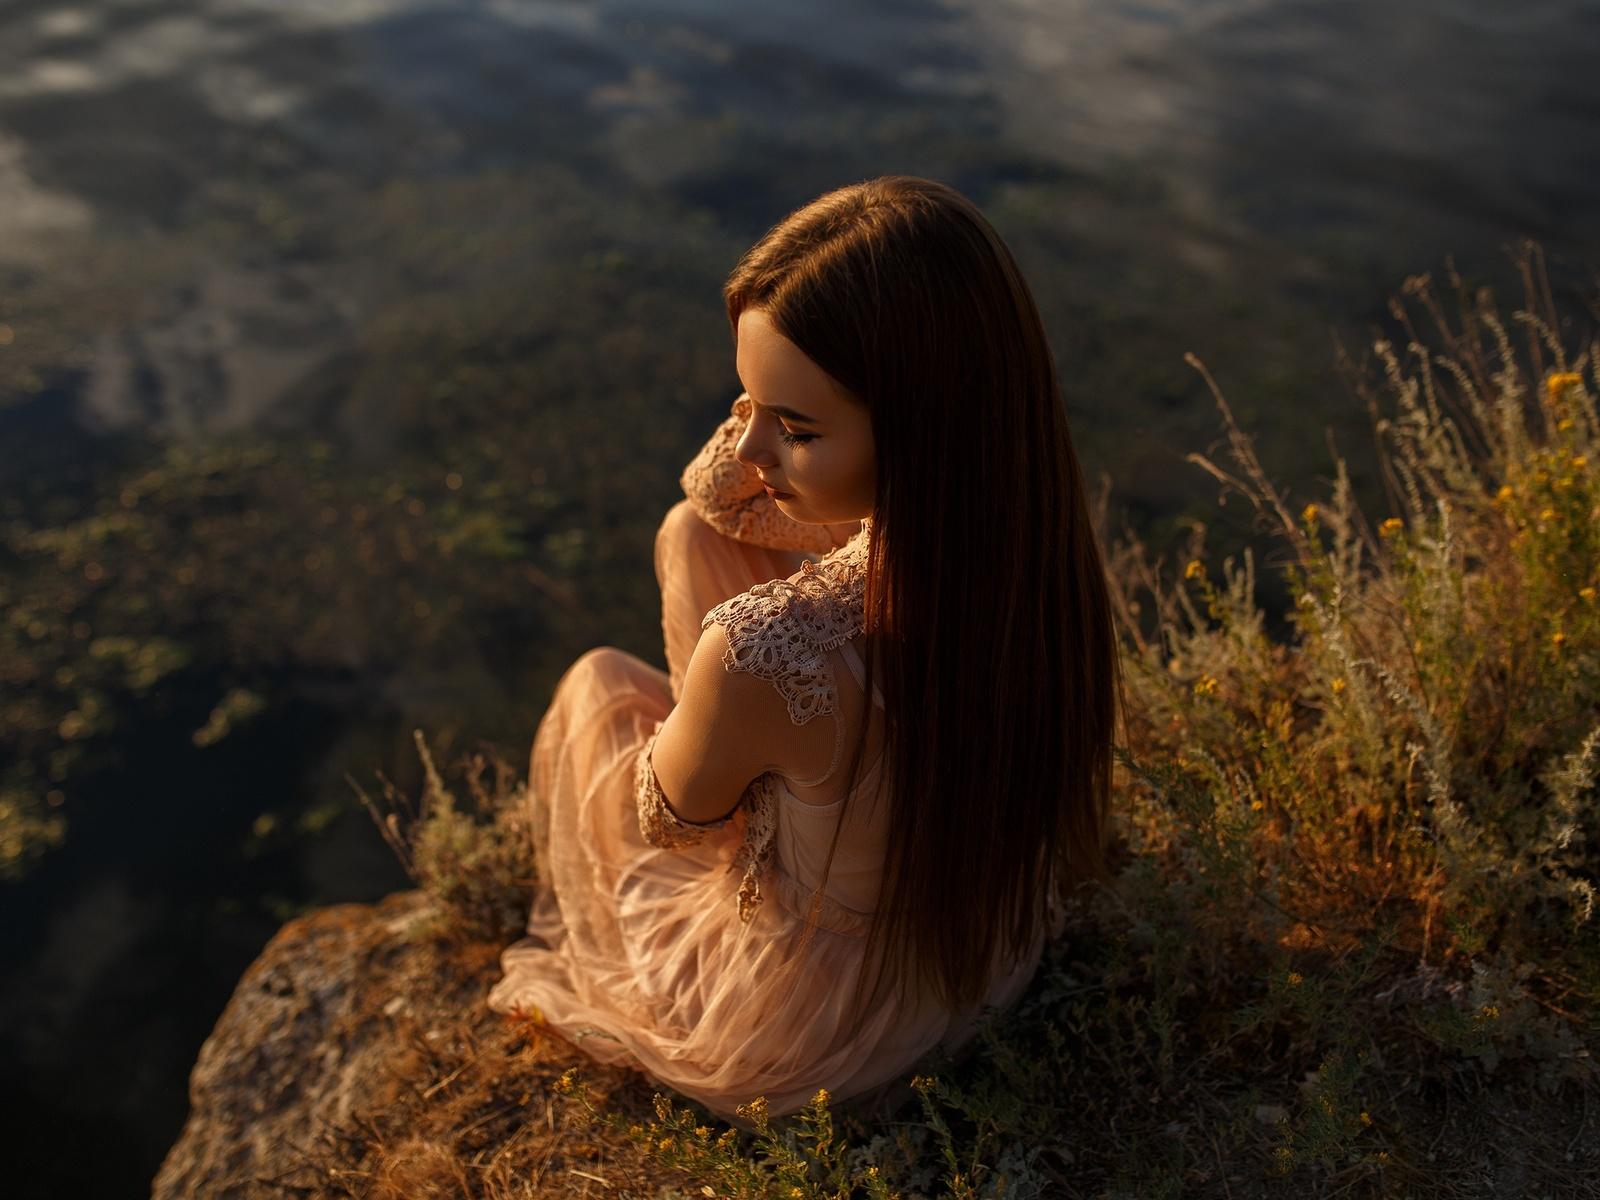 девушка, на природе, фото, anton papalutsa